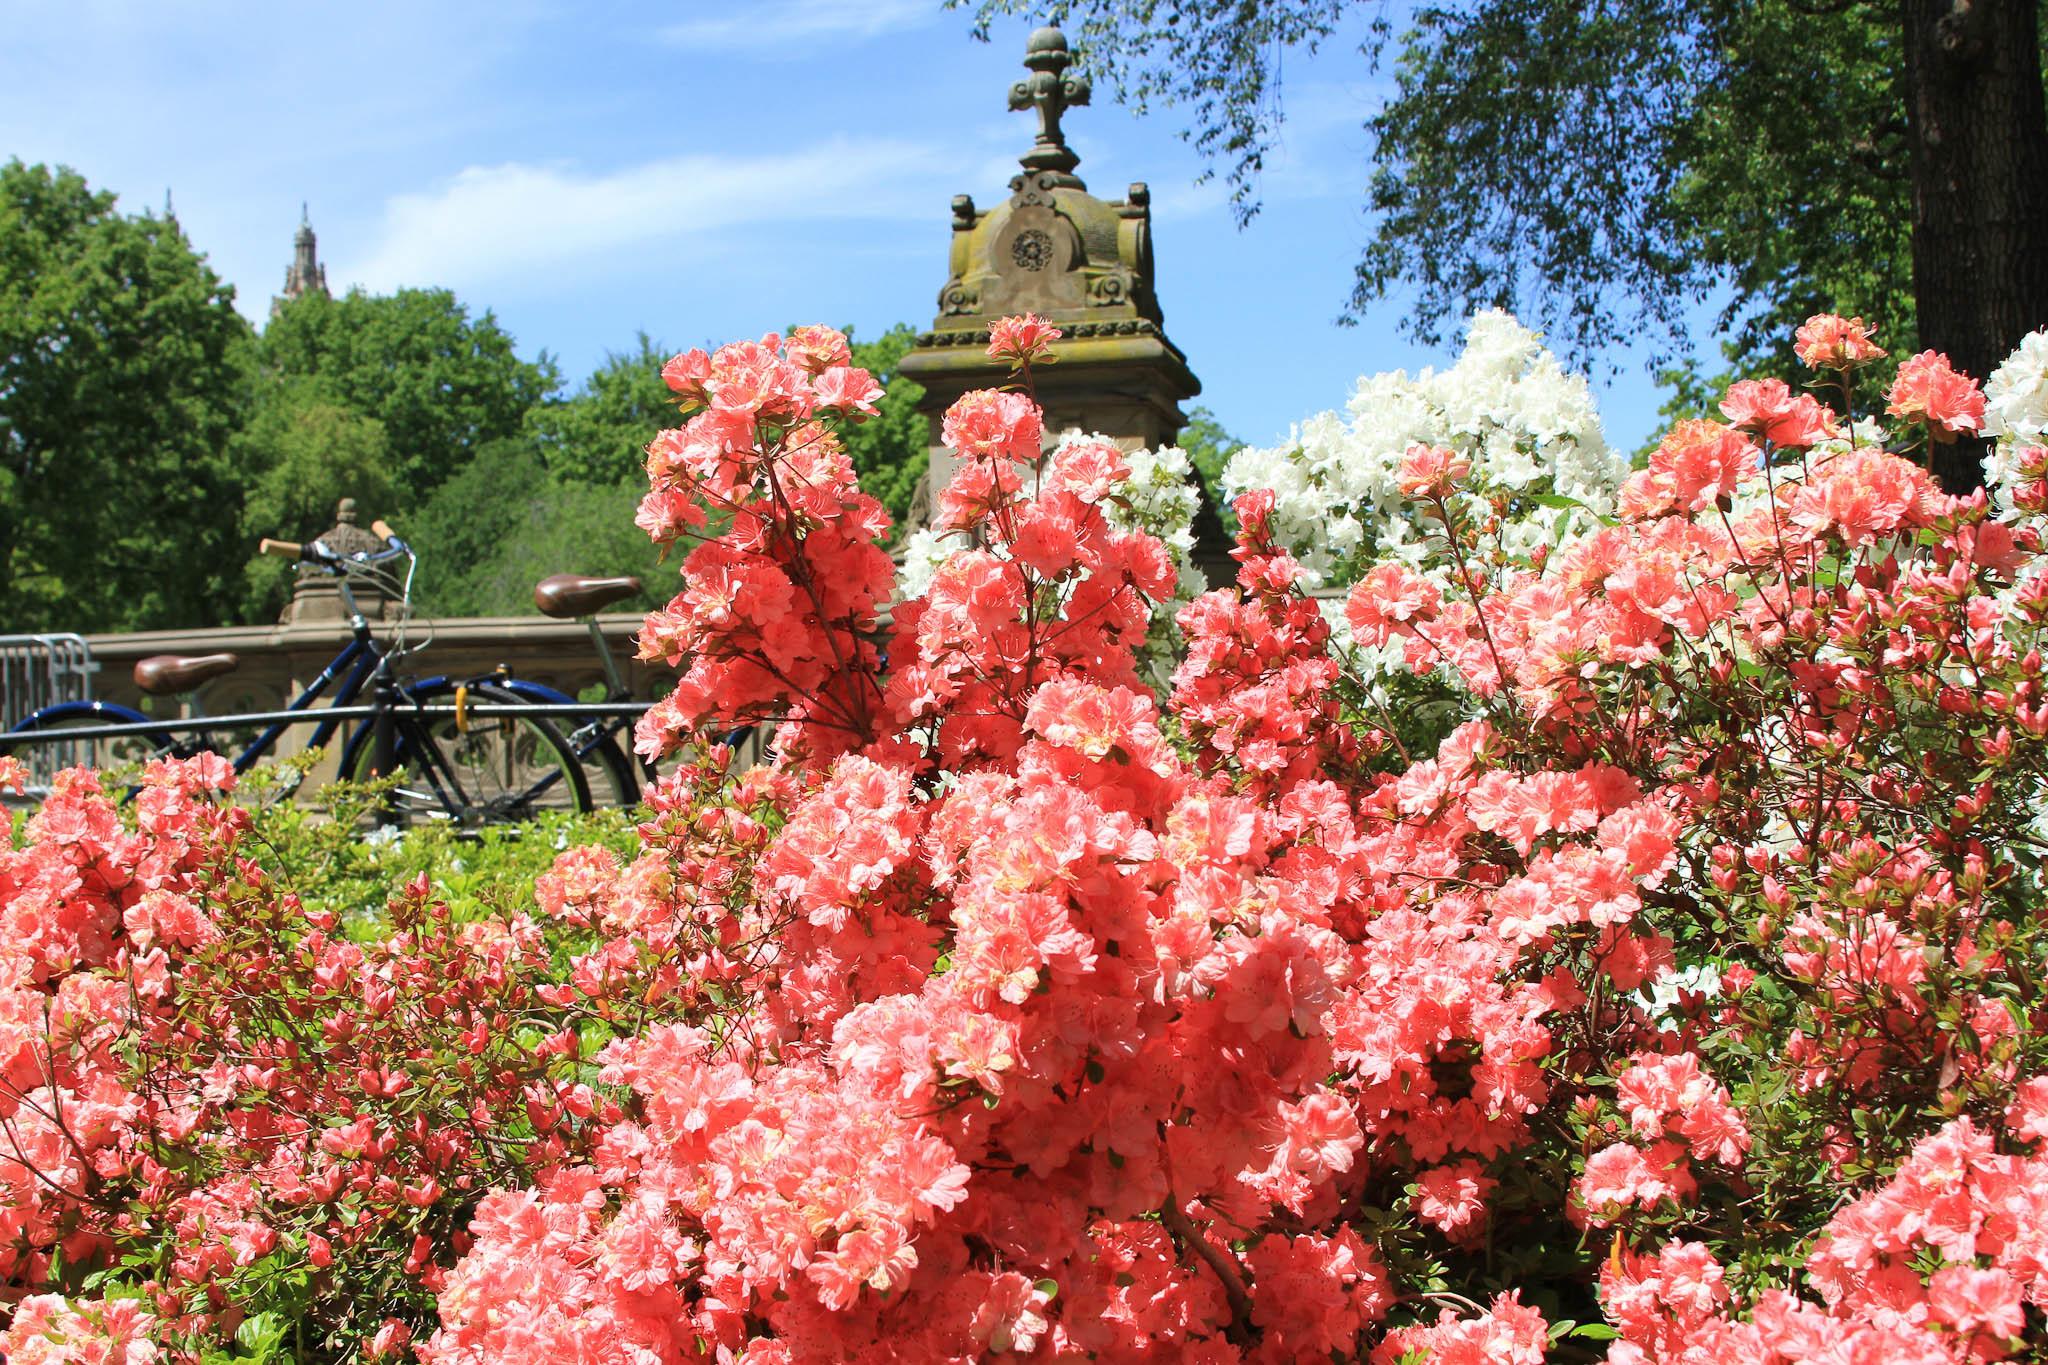 Ten ways to make spring awesome